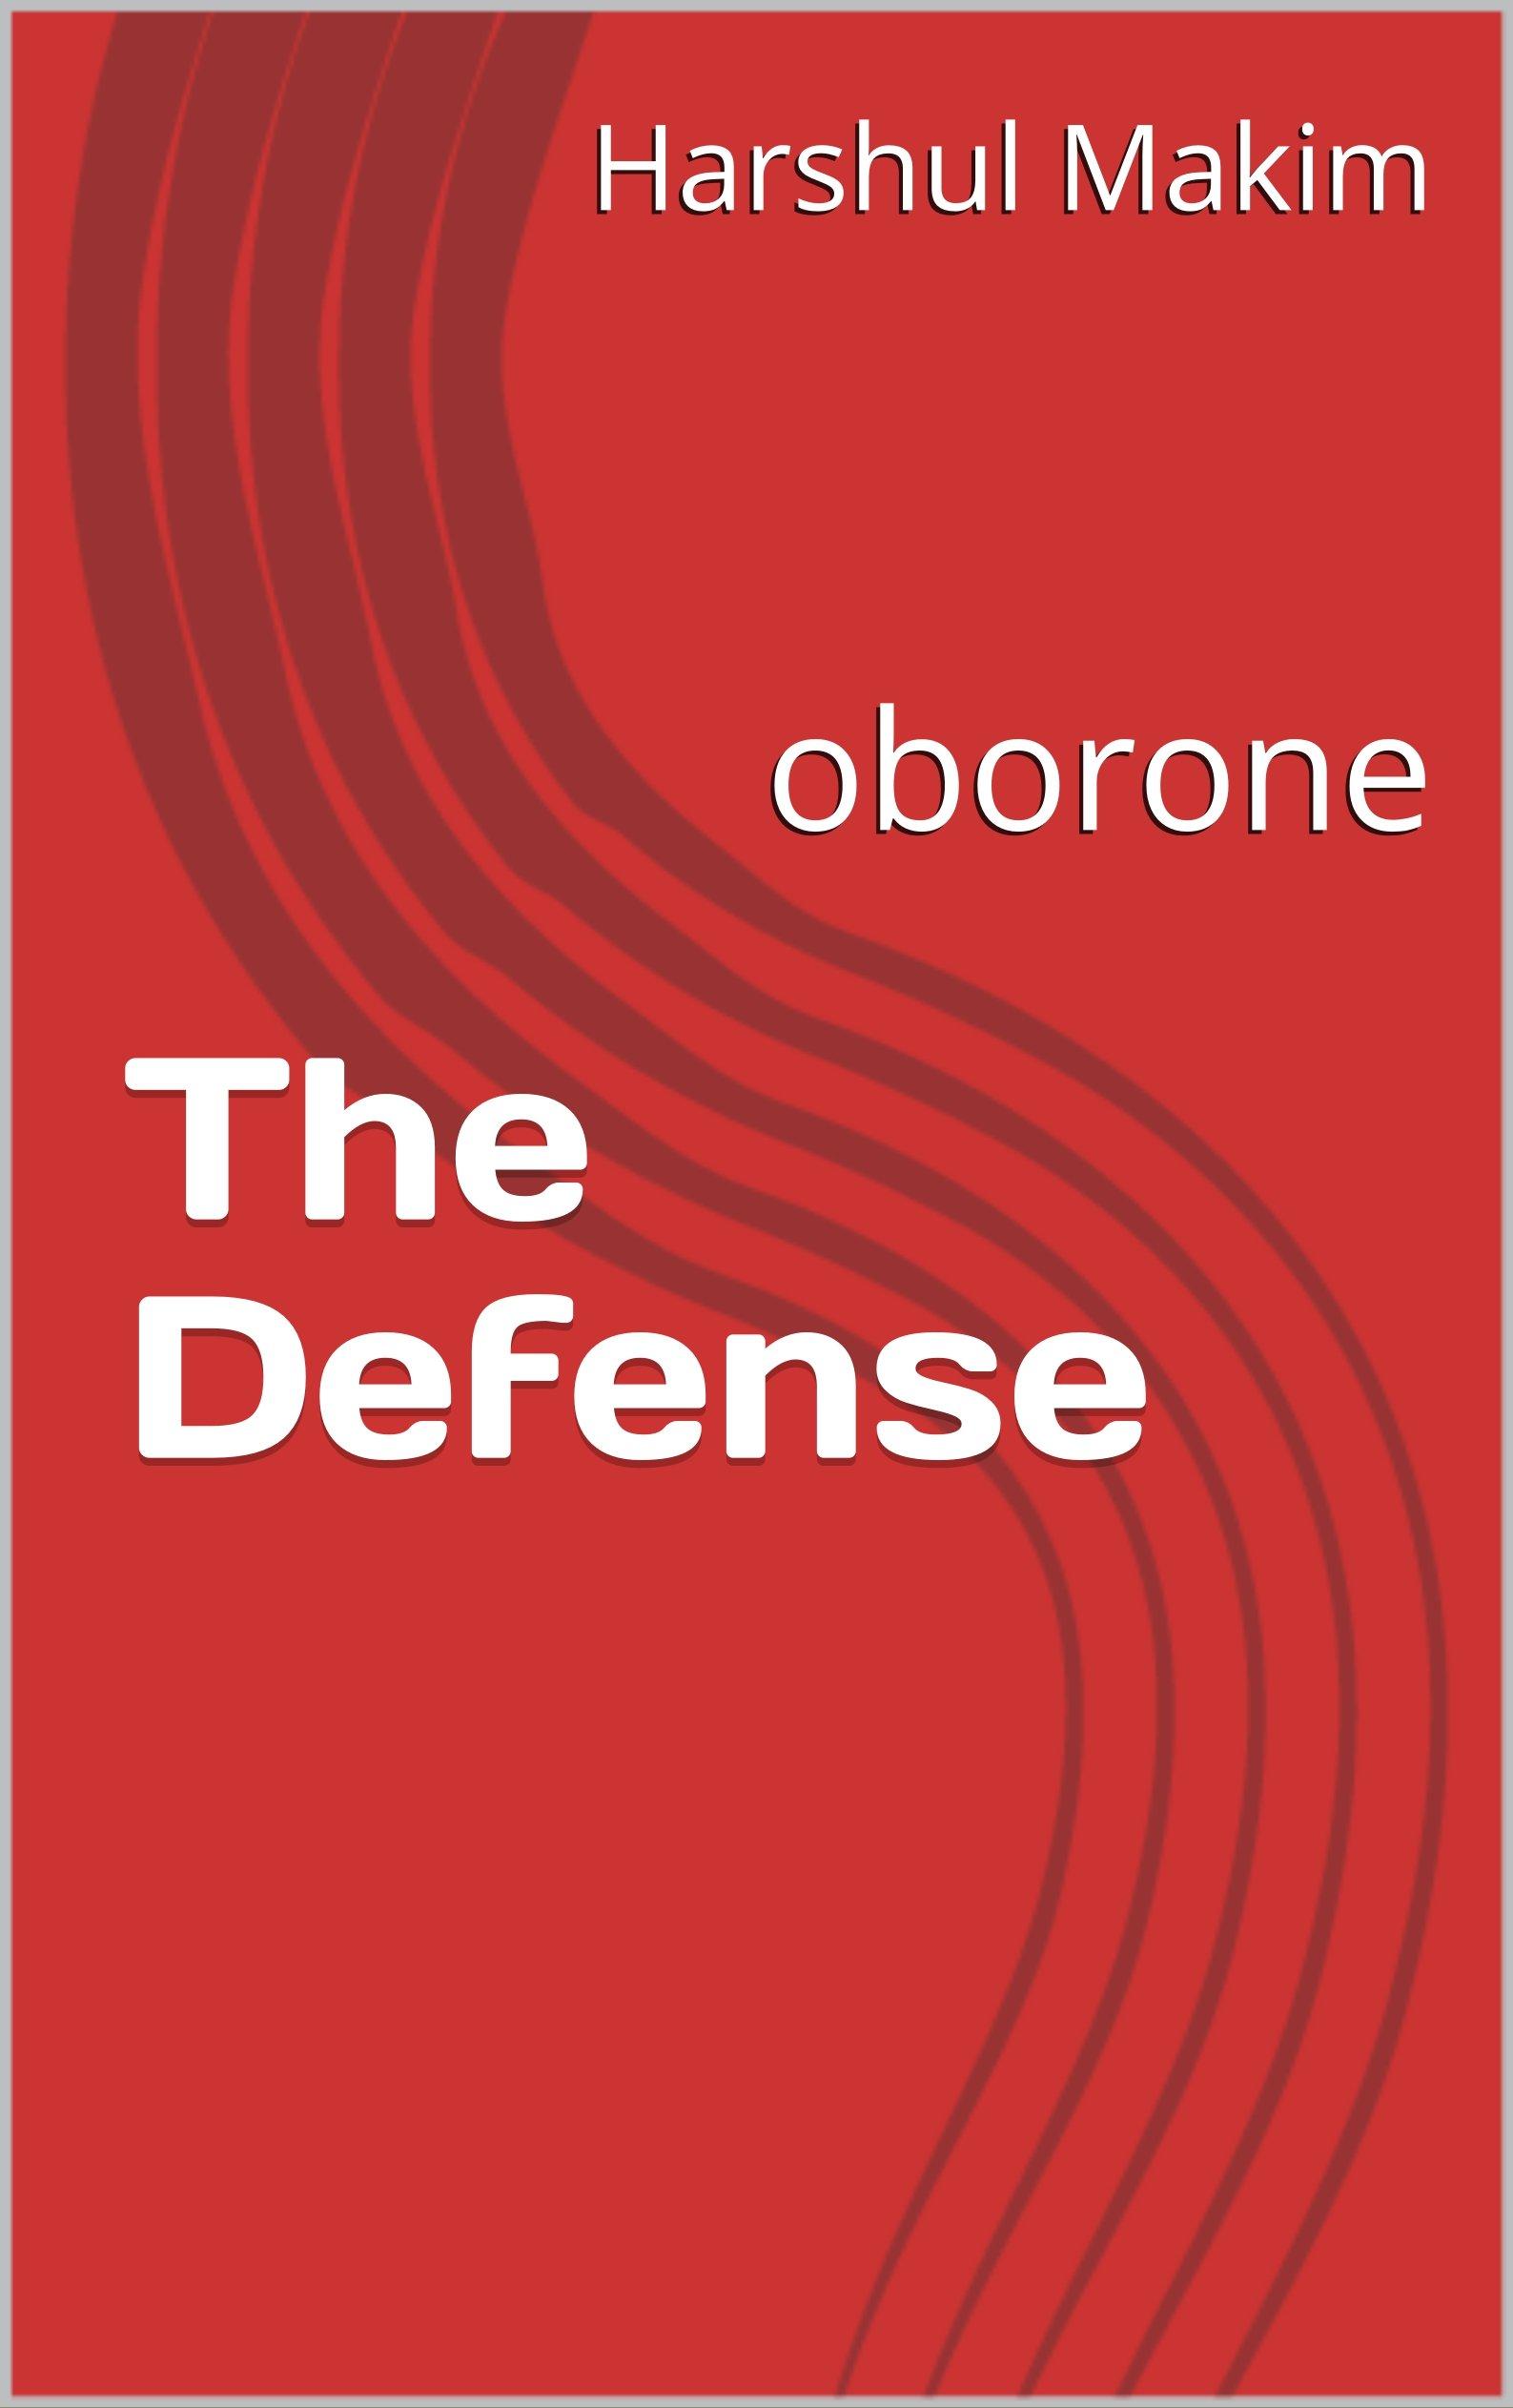 The Defense: oborone